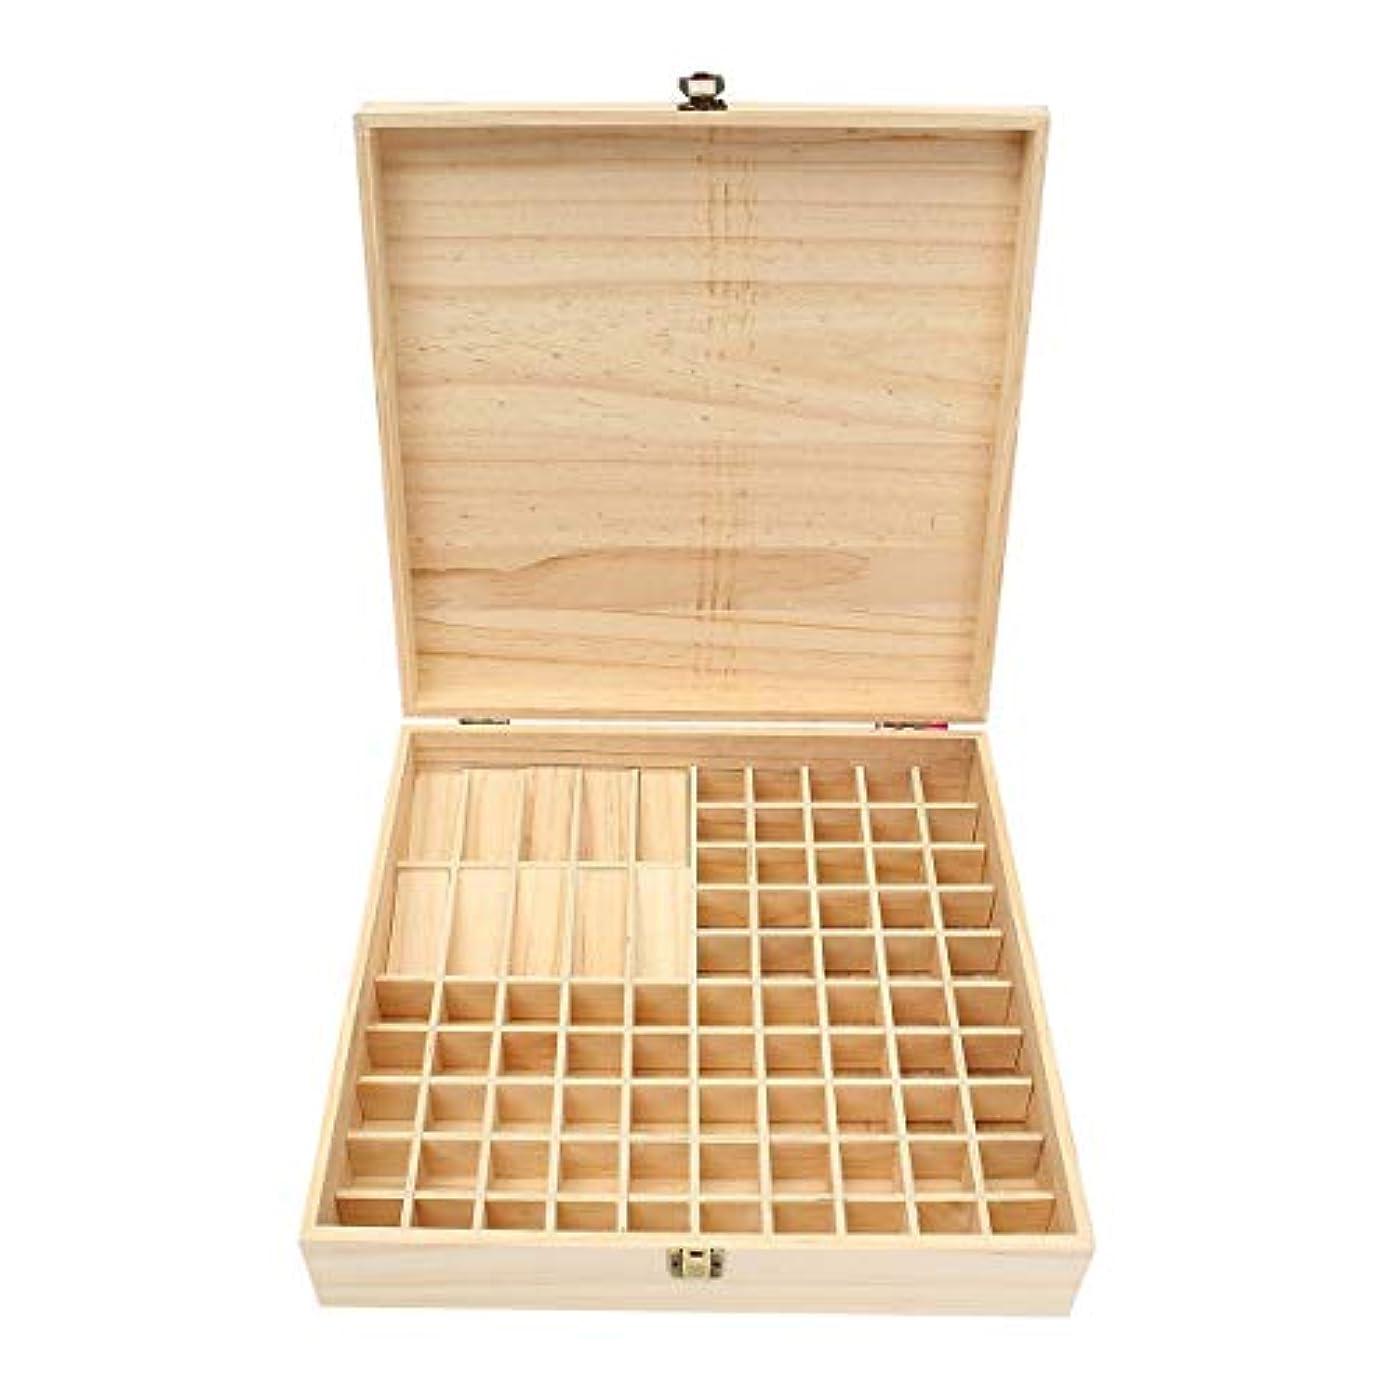 スタイルシェードメドレーTINKSKY エッセンシャルオイルケース アロマケース 木製 アロマオイルスタンド 精油ボックス 精油収納 仕切りボックス 85本収納